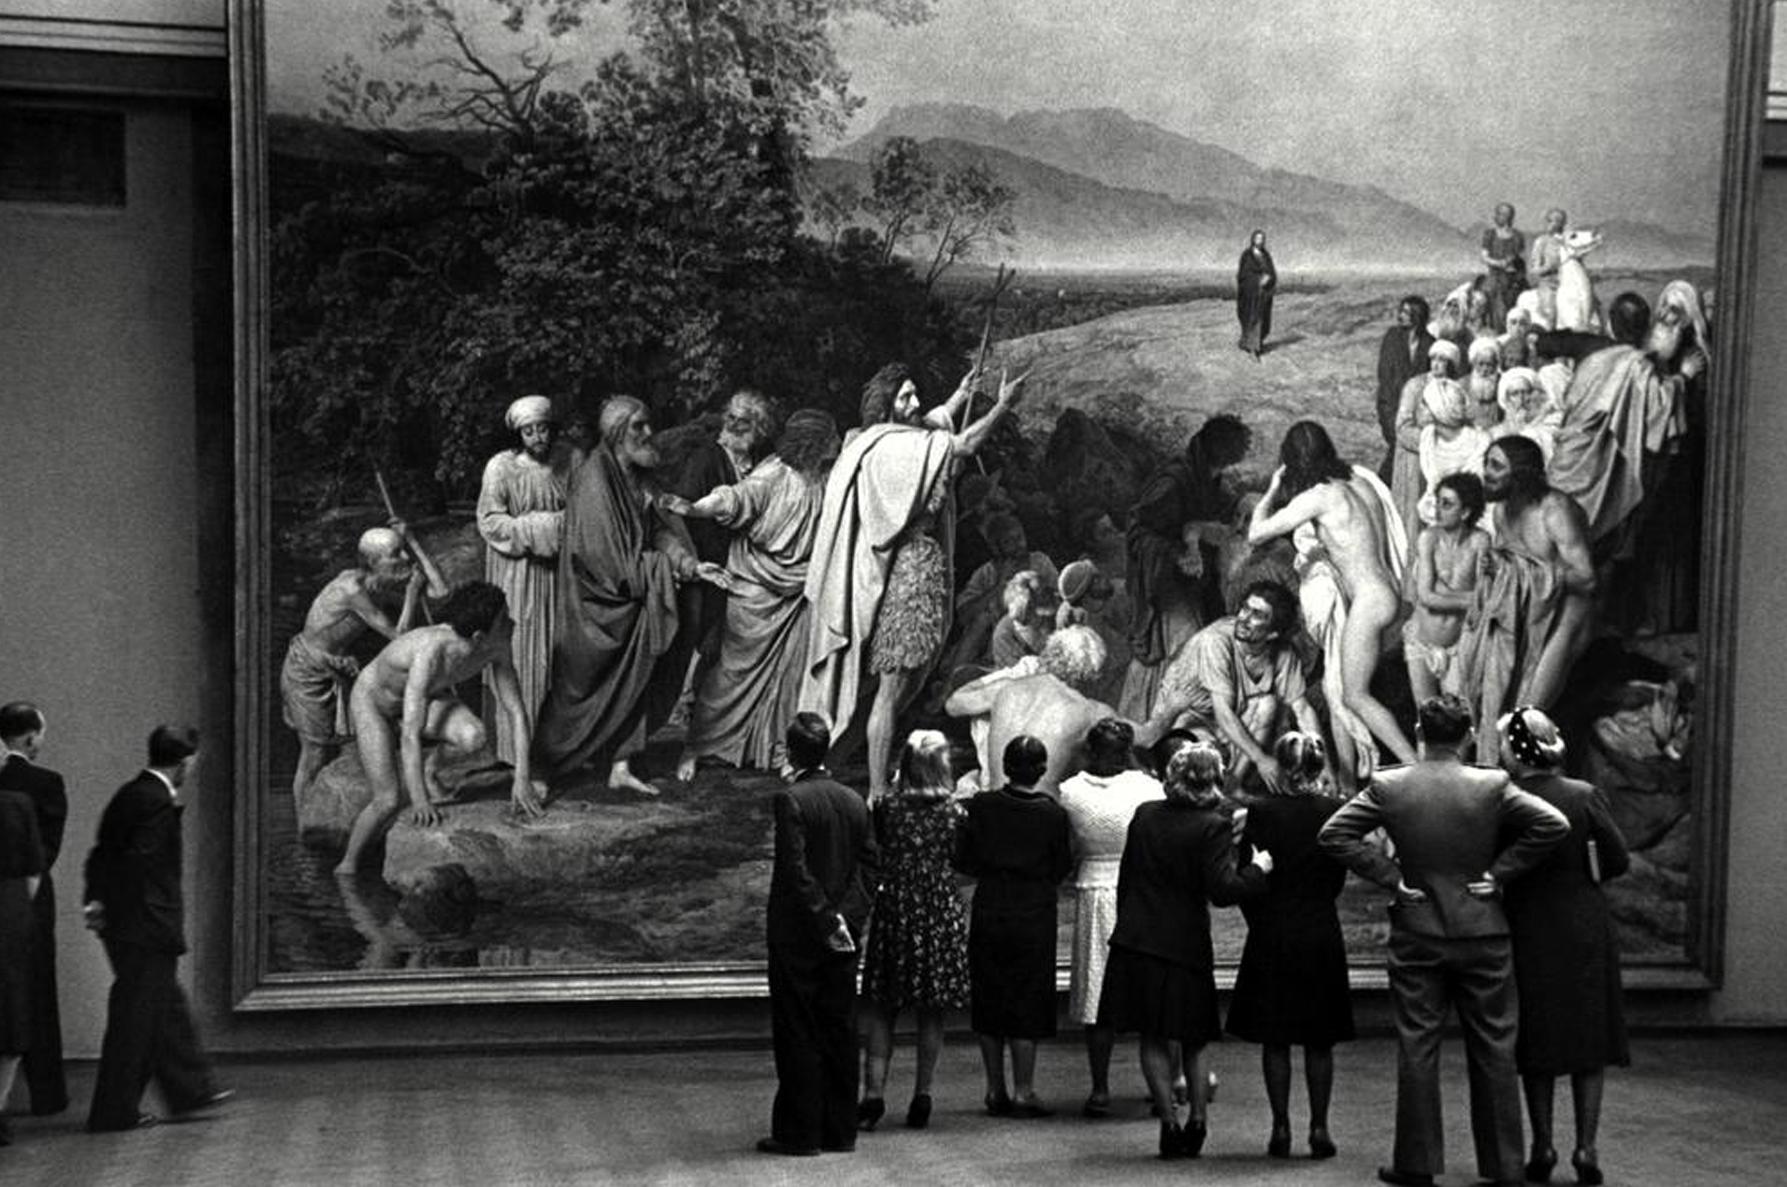 Роберт Капа. СССР. Москва. Третьяковская Галерея. 1947